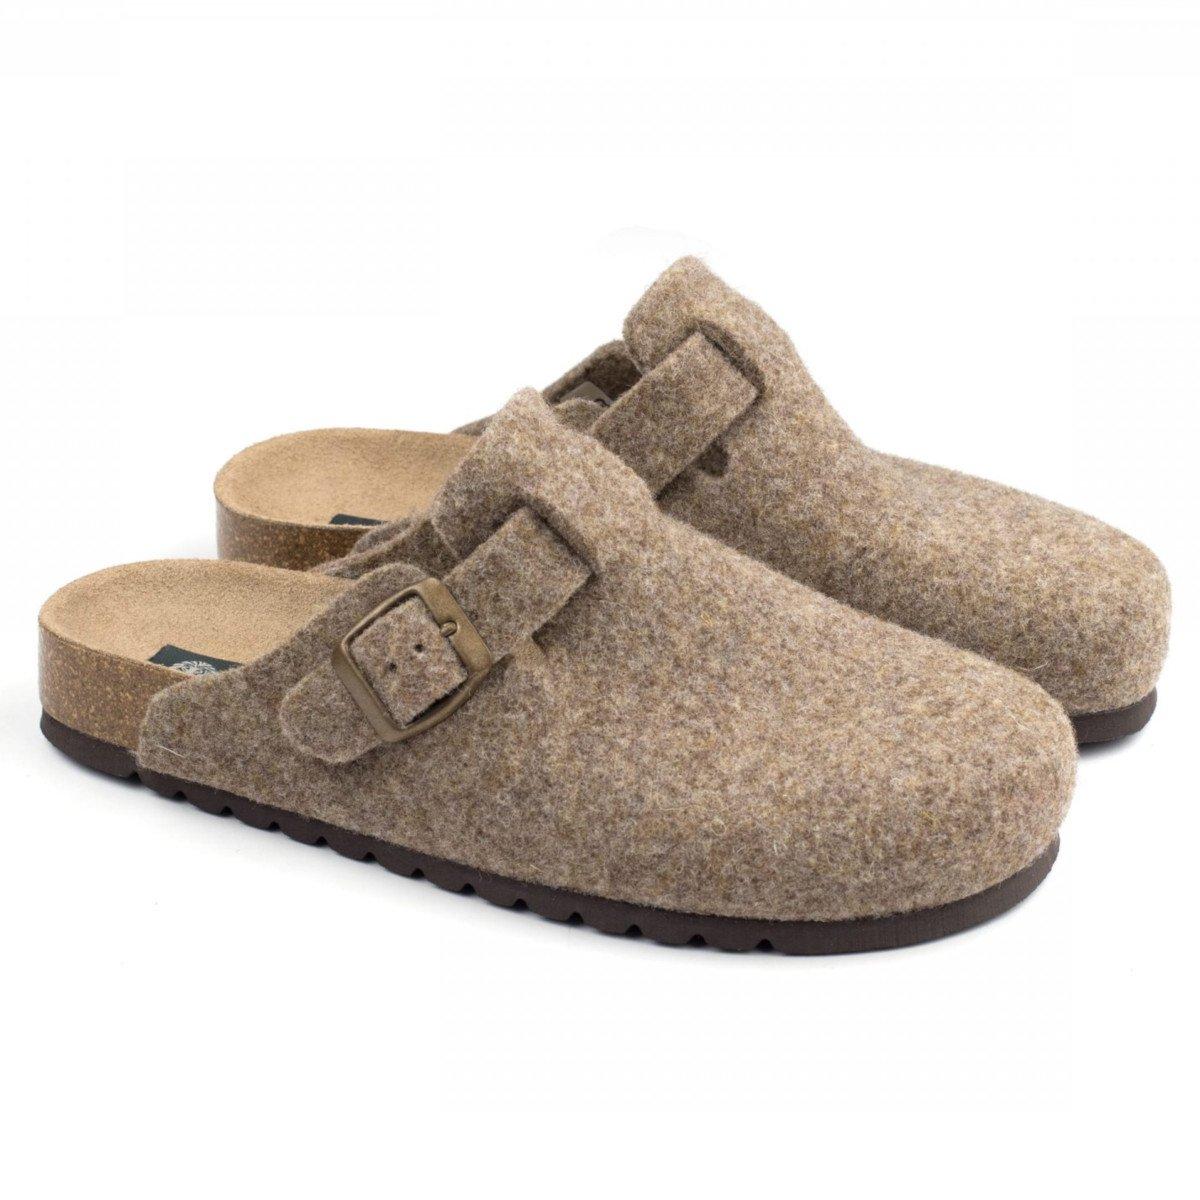 Slipper Berlin hazelnut in felted wool